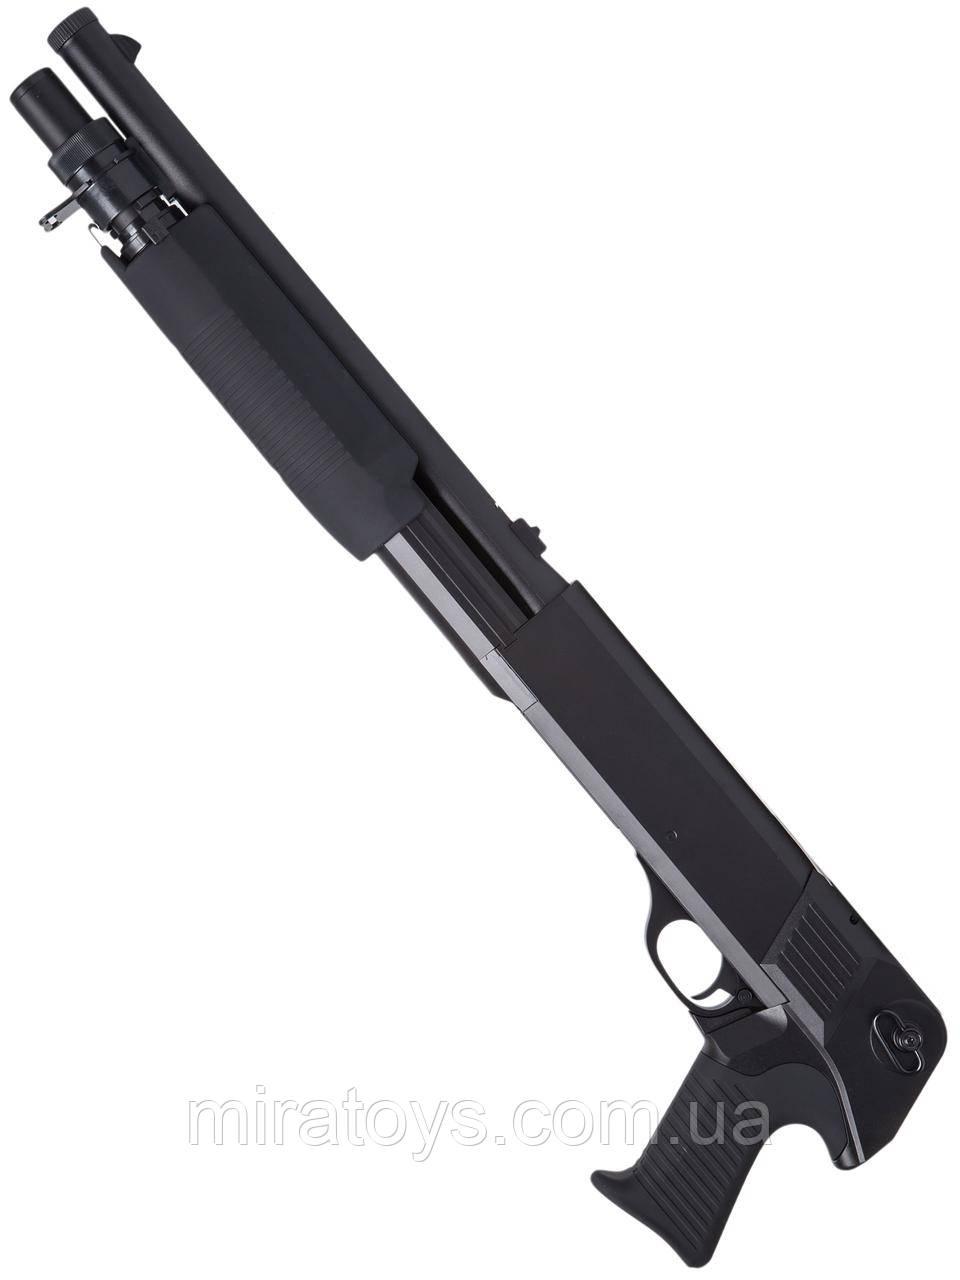 ✅Дробовик Double Eagle M56B (Shotgun) з кульками, обважений